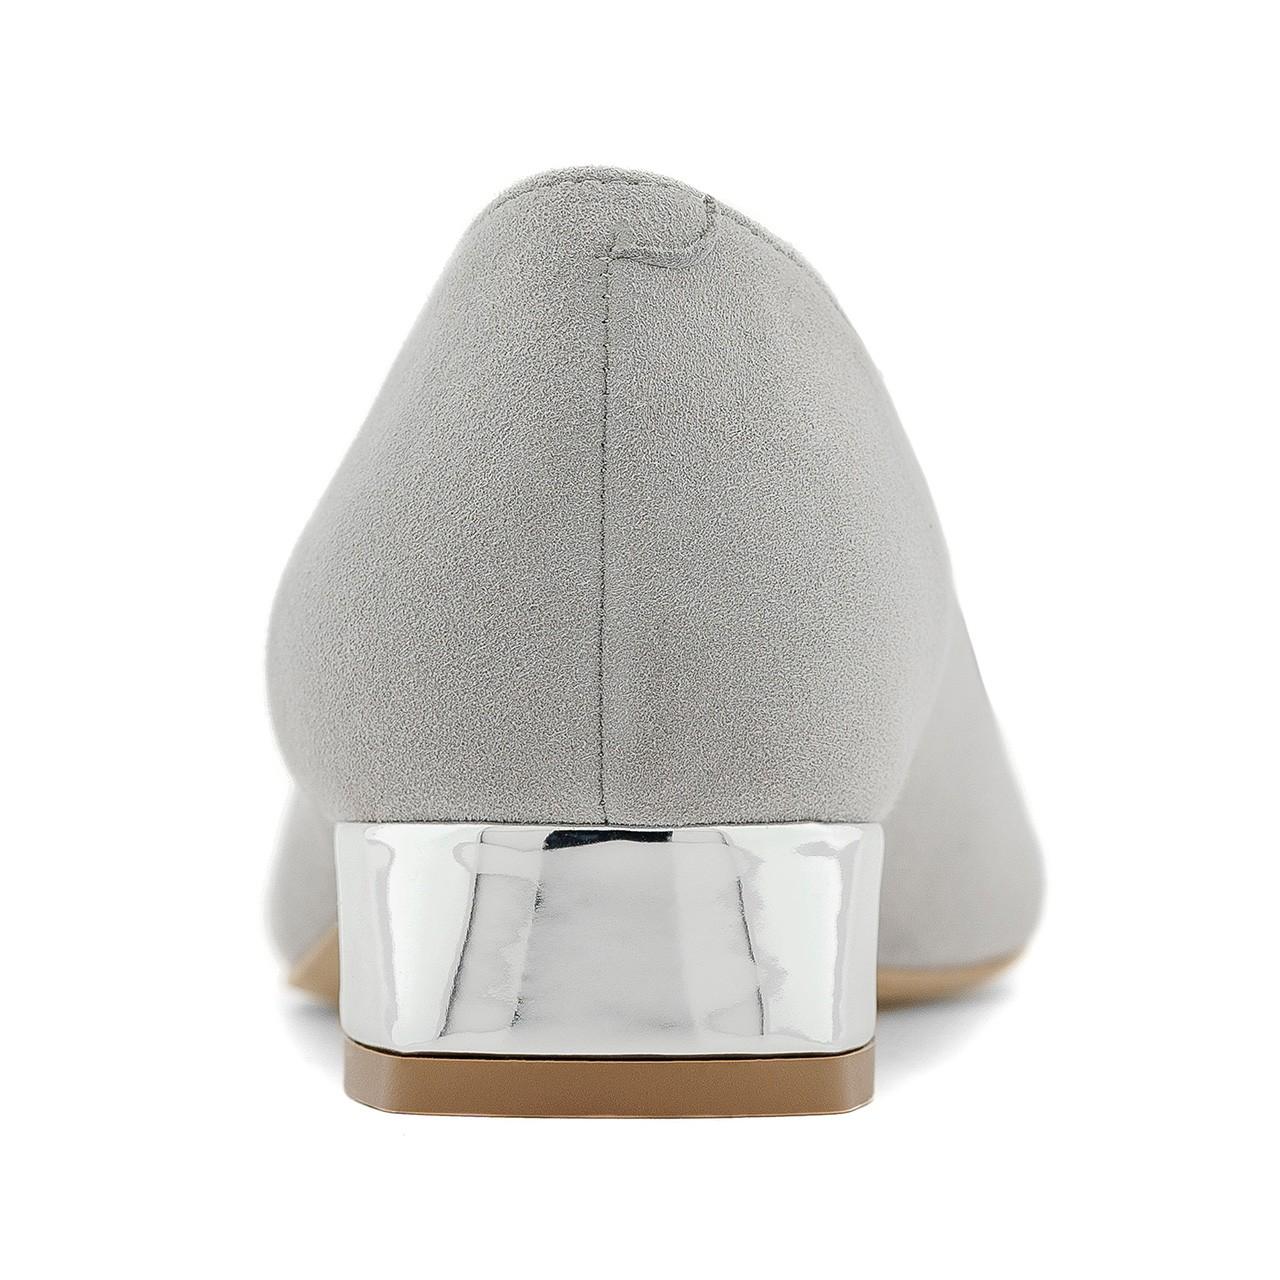 Zamszowe mokasyny w szarym kolorze ze srebrnym obcasem i ozdobą